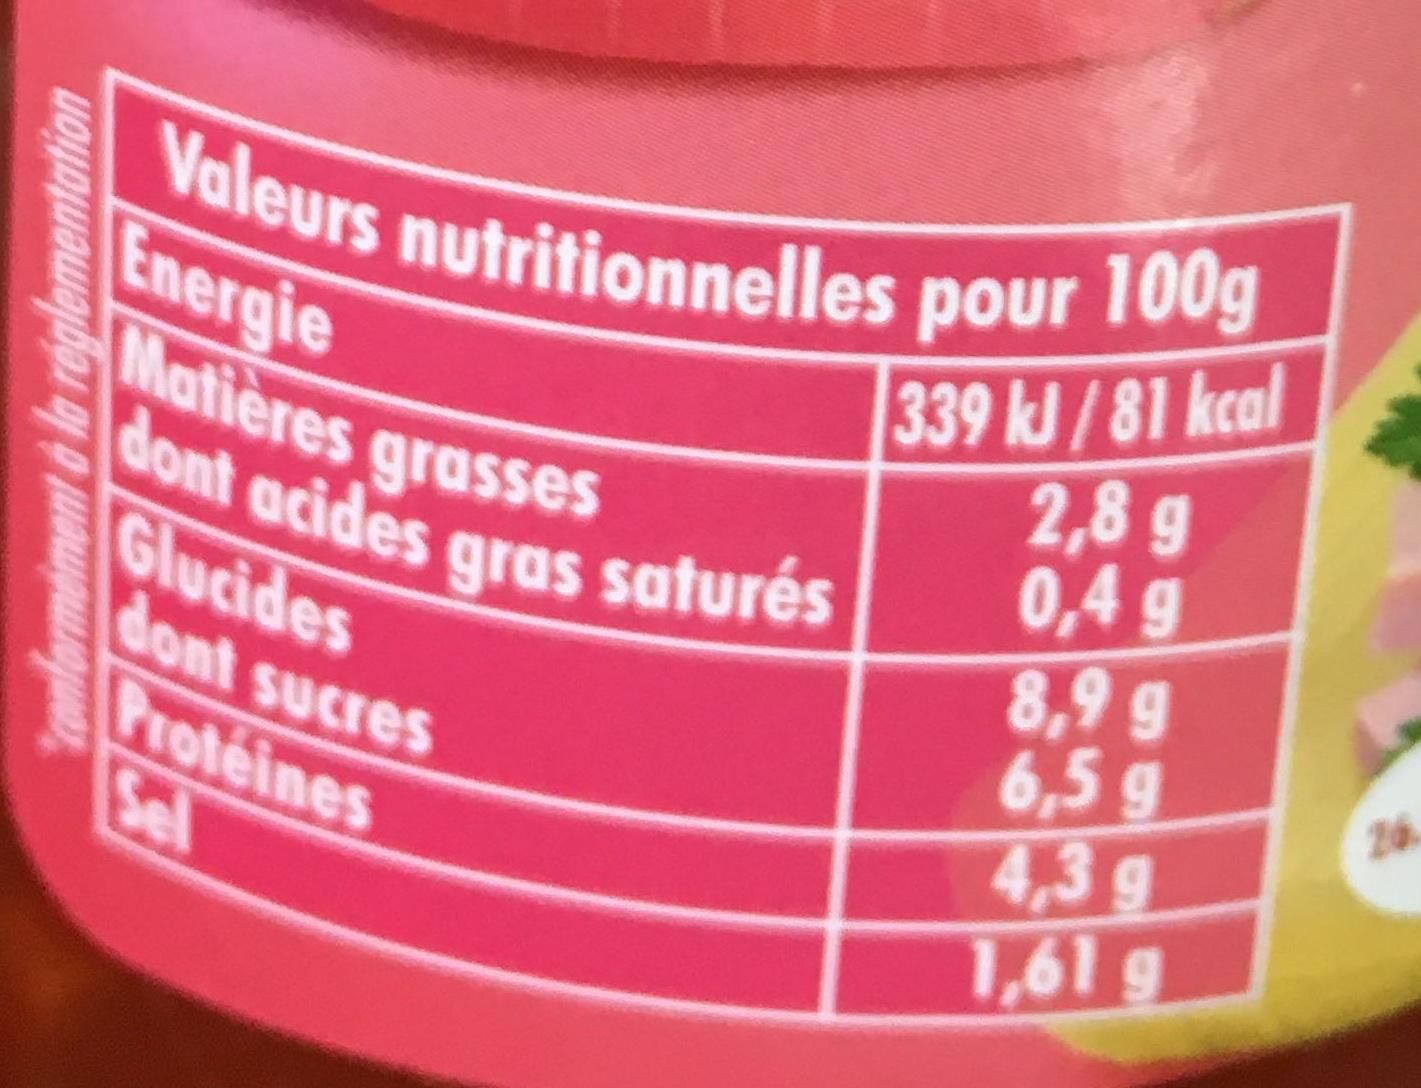 Bolognaise au jambon - Informations nutritionnelles